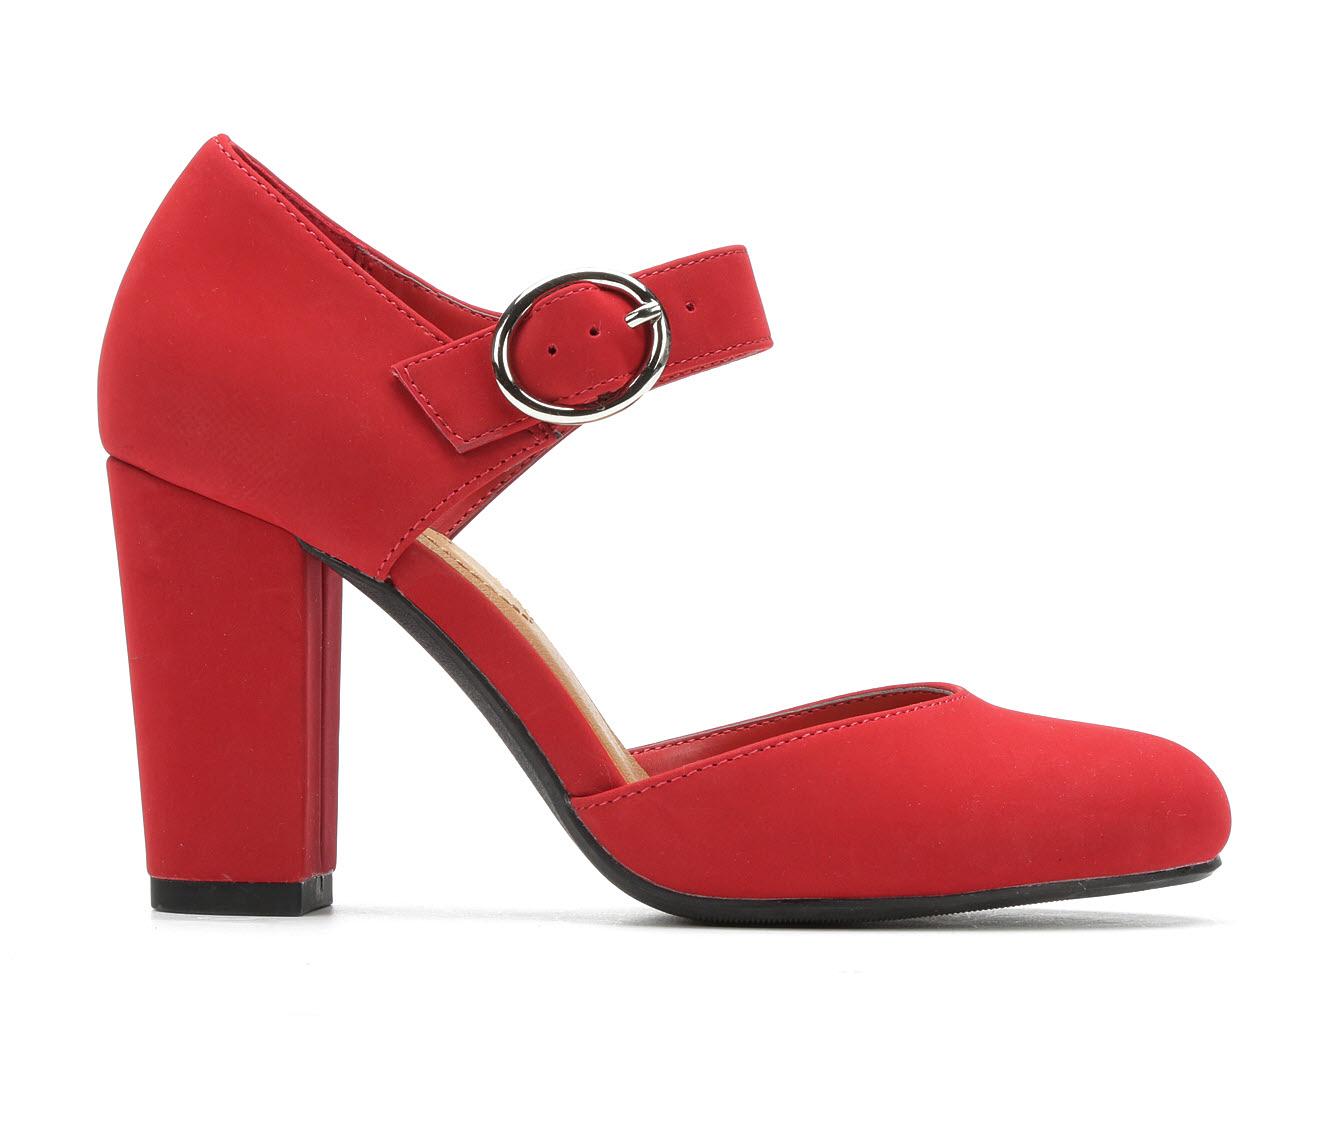 Y-Not Karrie Women's Dress Shoe (Red Faux Leather)